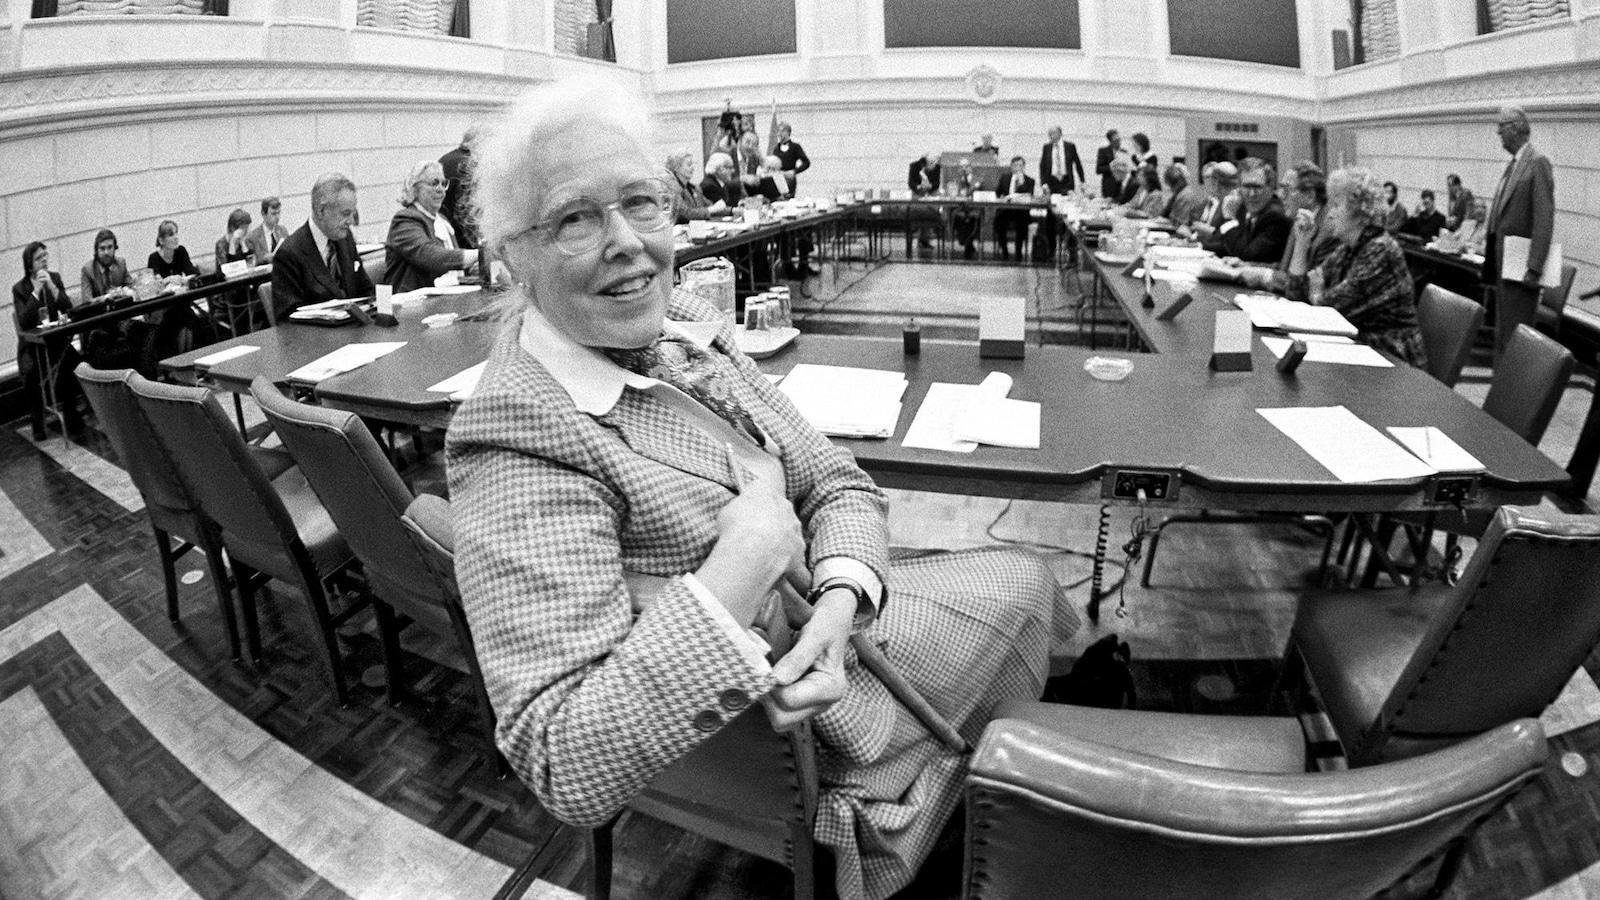 Photo en noir et blanc d'une femme âgée qui regarde la caméra dans une salle d'audience.